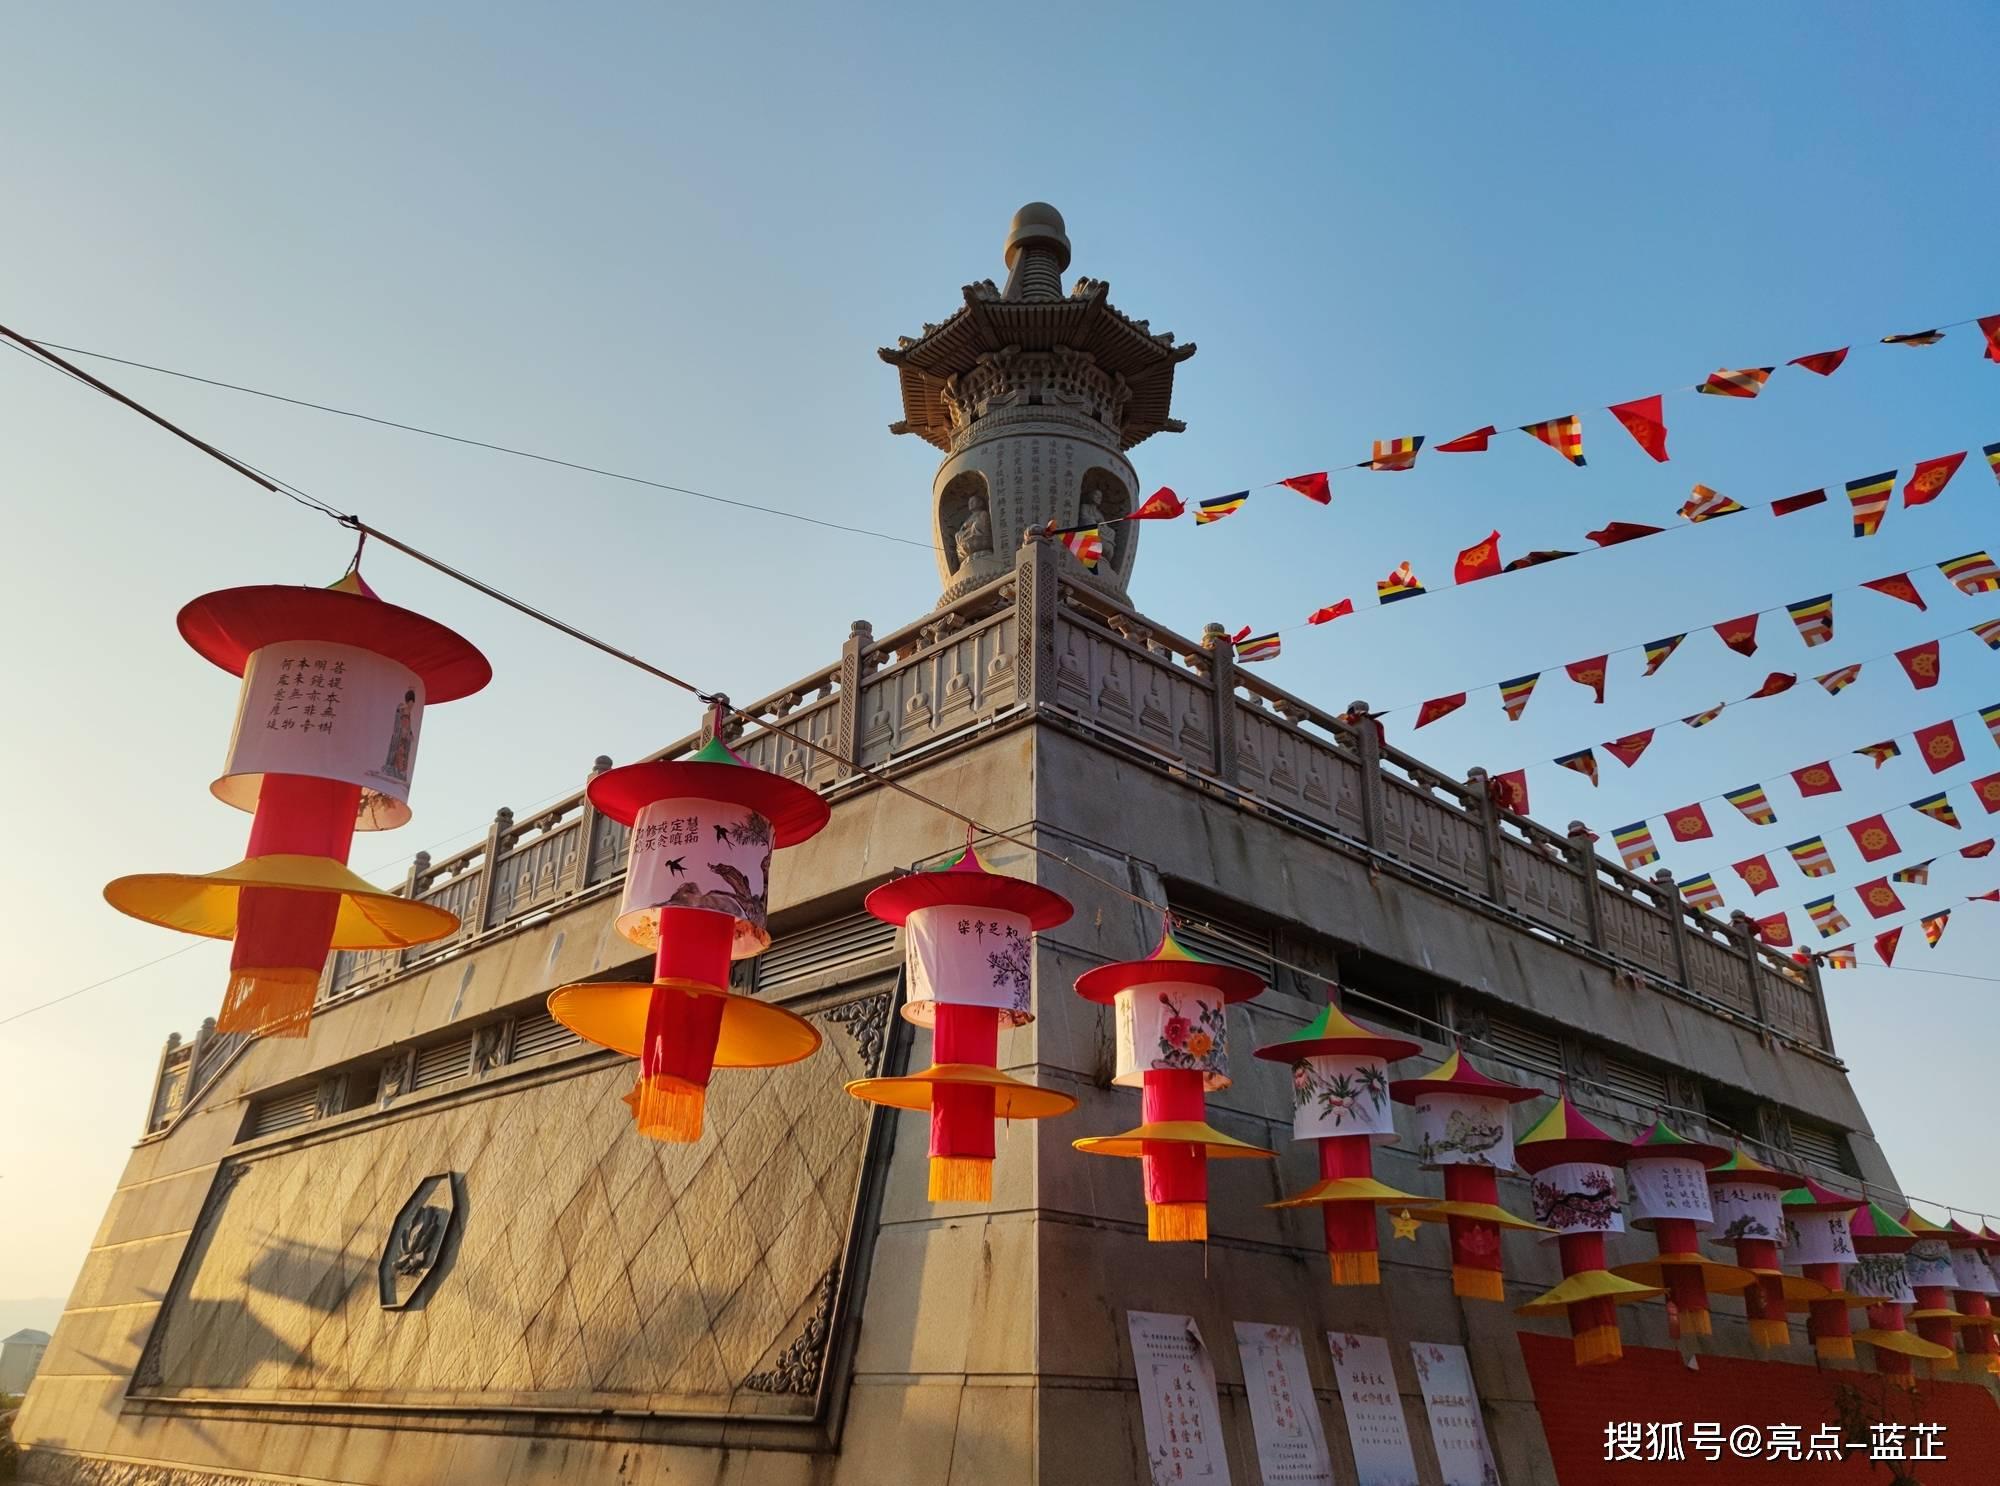 了不起的梅山寺,拥有两个国内之最——石质山门、缅甸白玉佛像  第10张